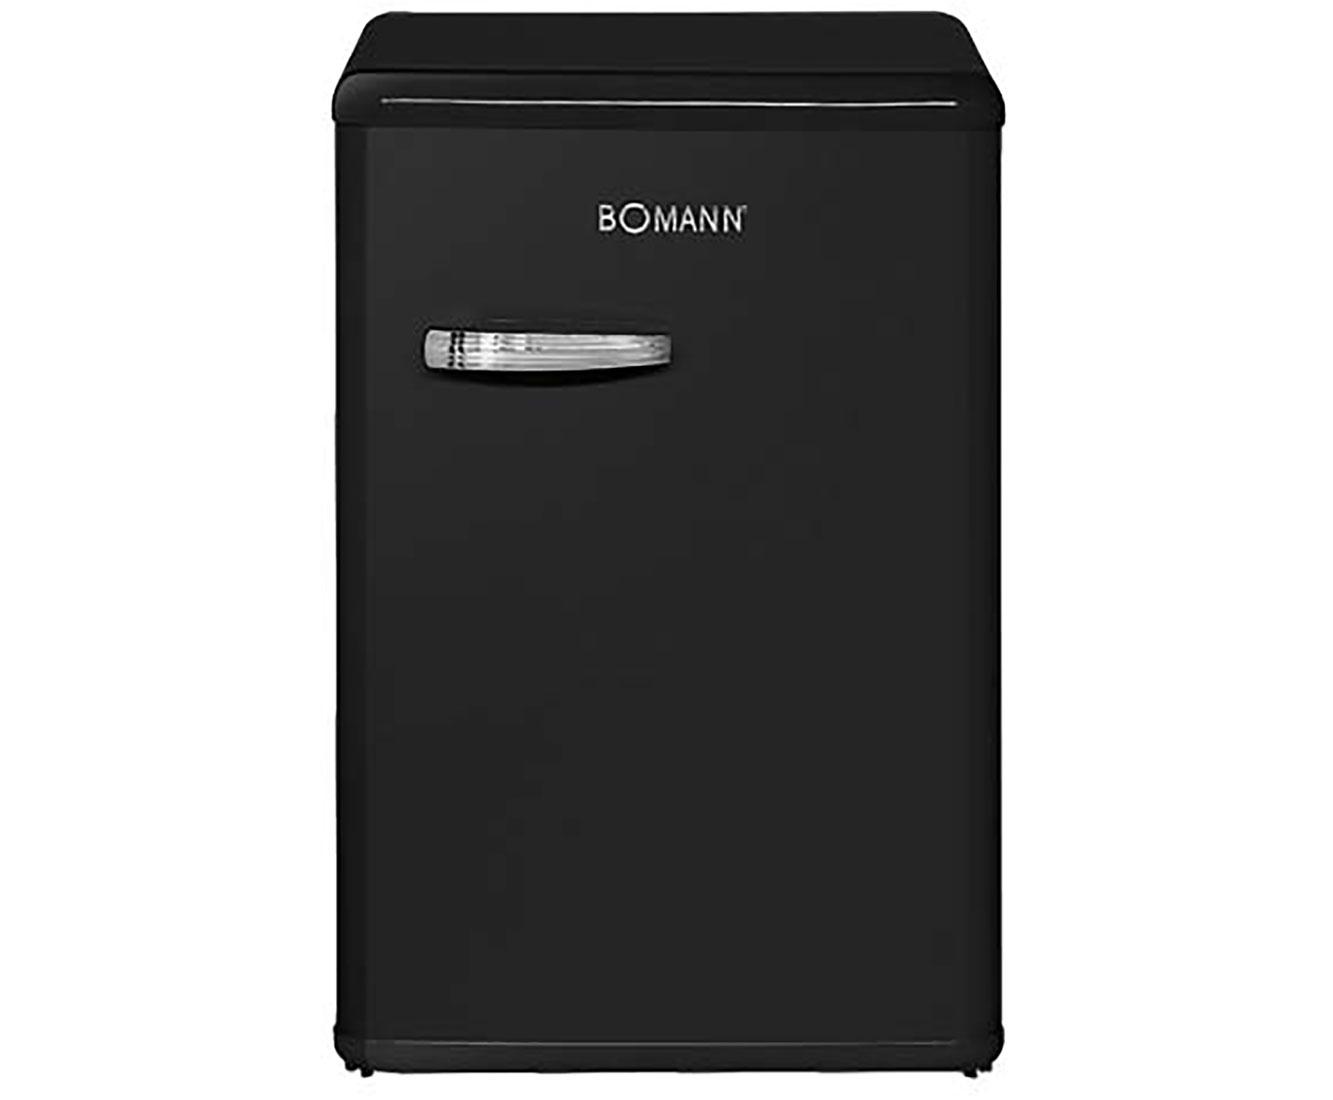 Bomann Kühlschrank Produktion : Bomann vsr kühlschrank schwarz a